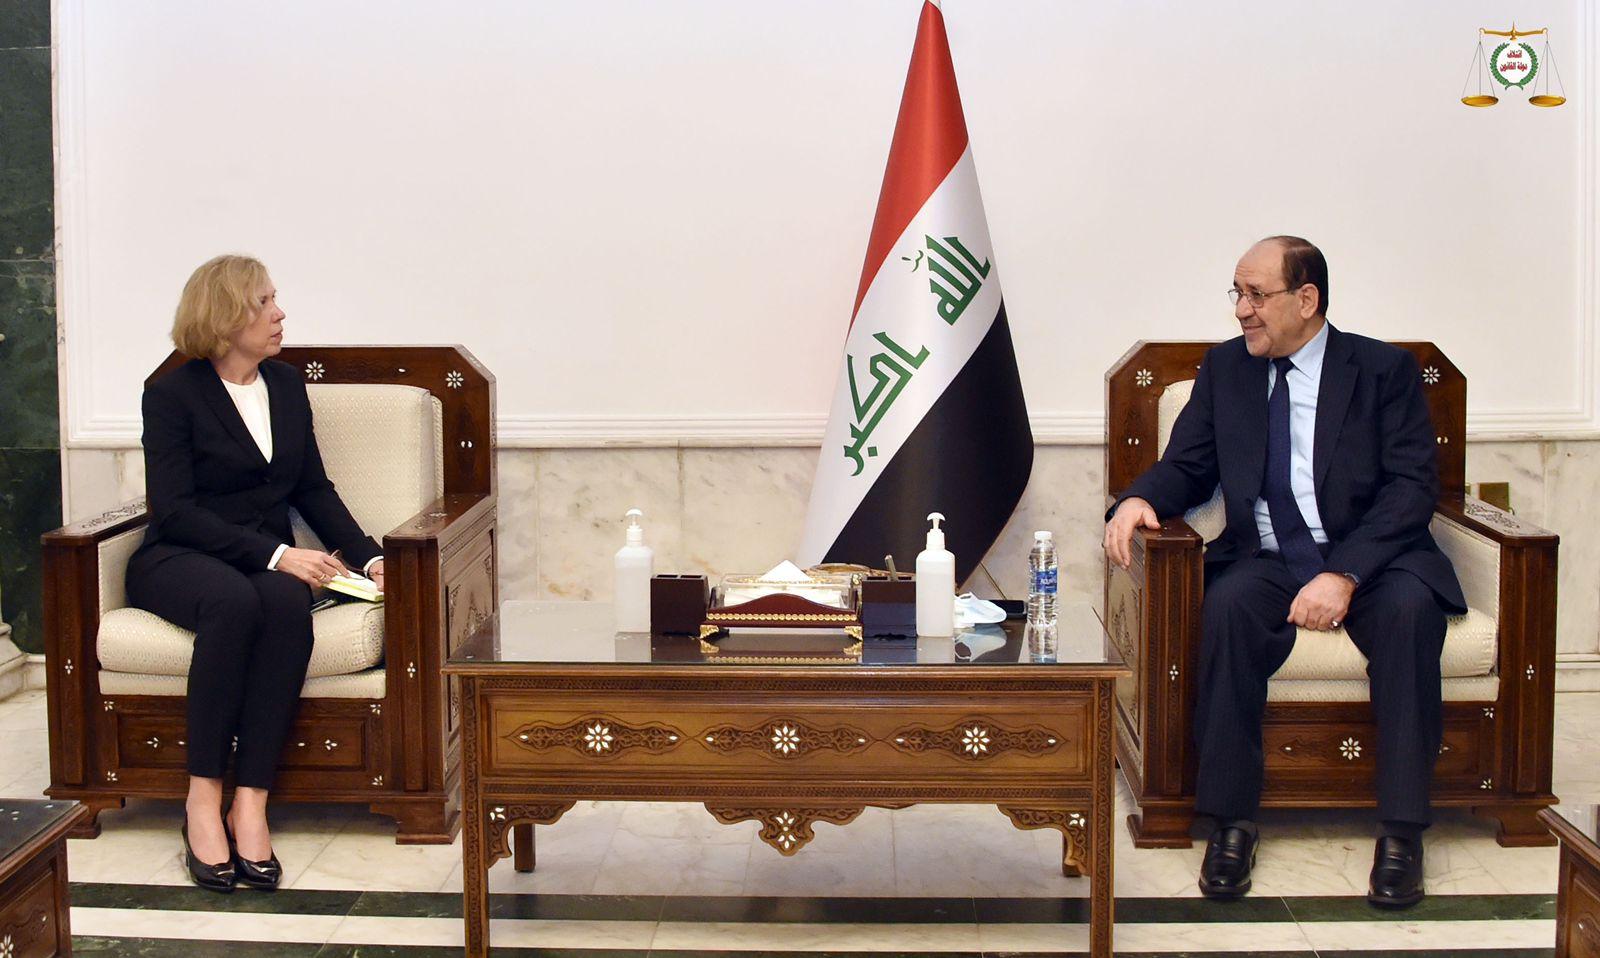 رئيس ائتلاف دولة القانون السيد نوري المالكي يستقبل سفيرة استراليا لدى العراق